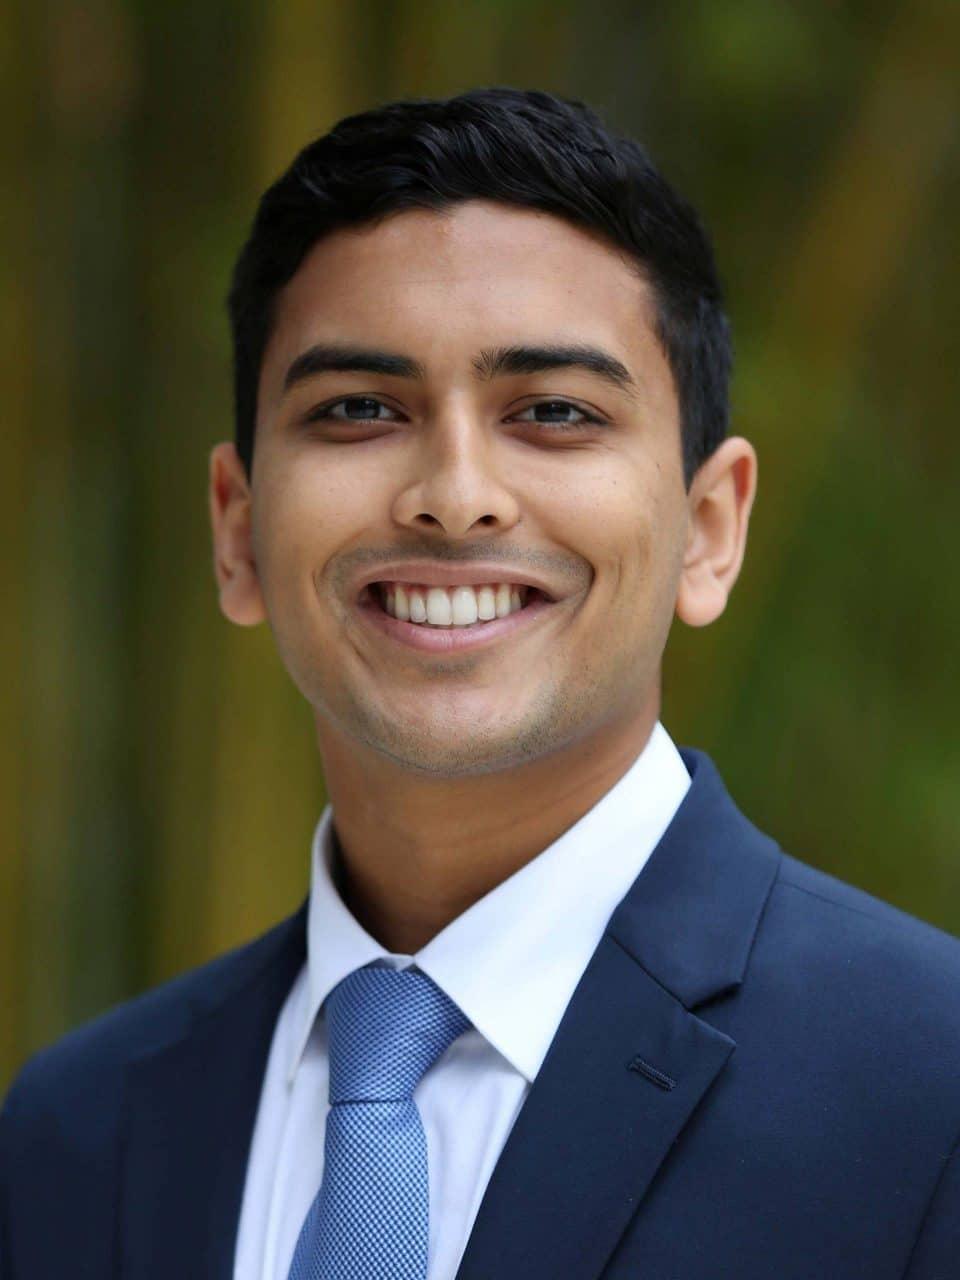 Shivam Sanghani